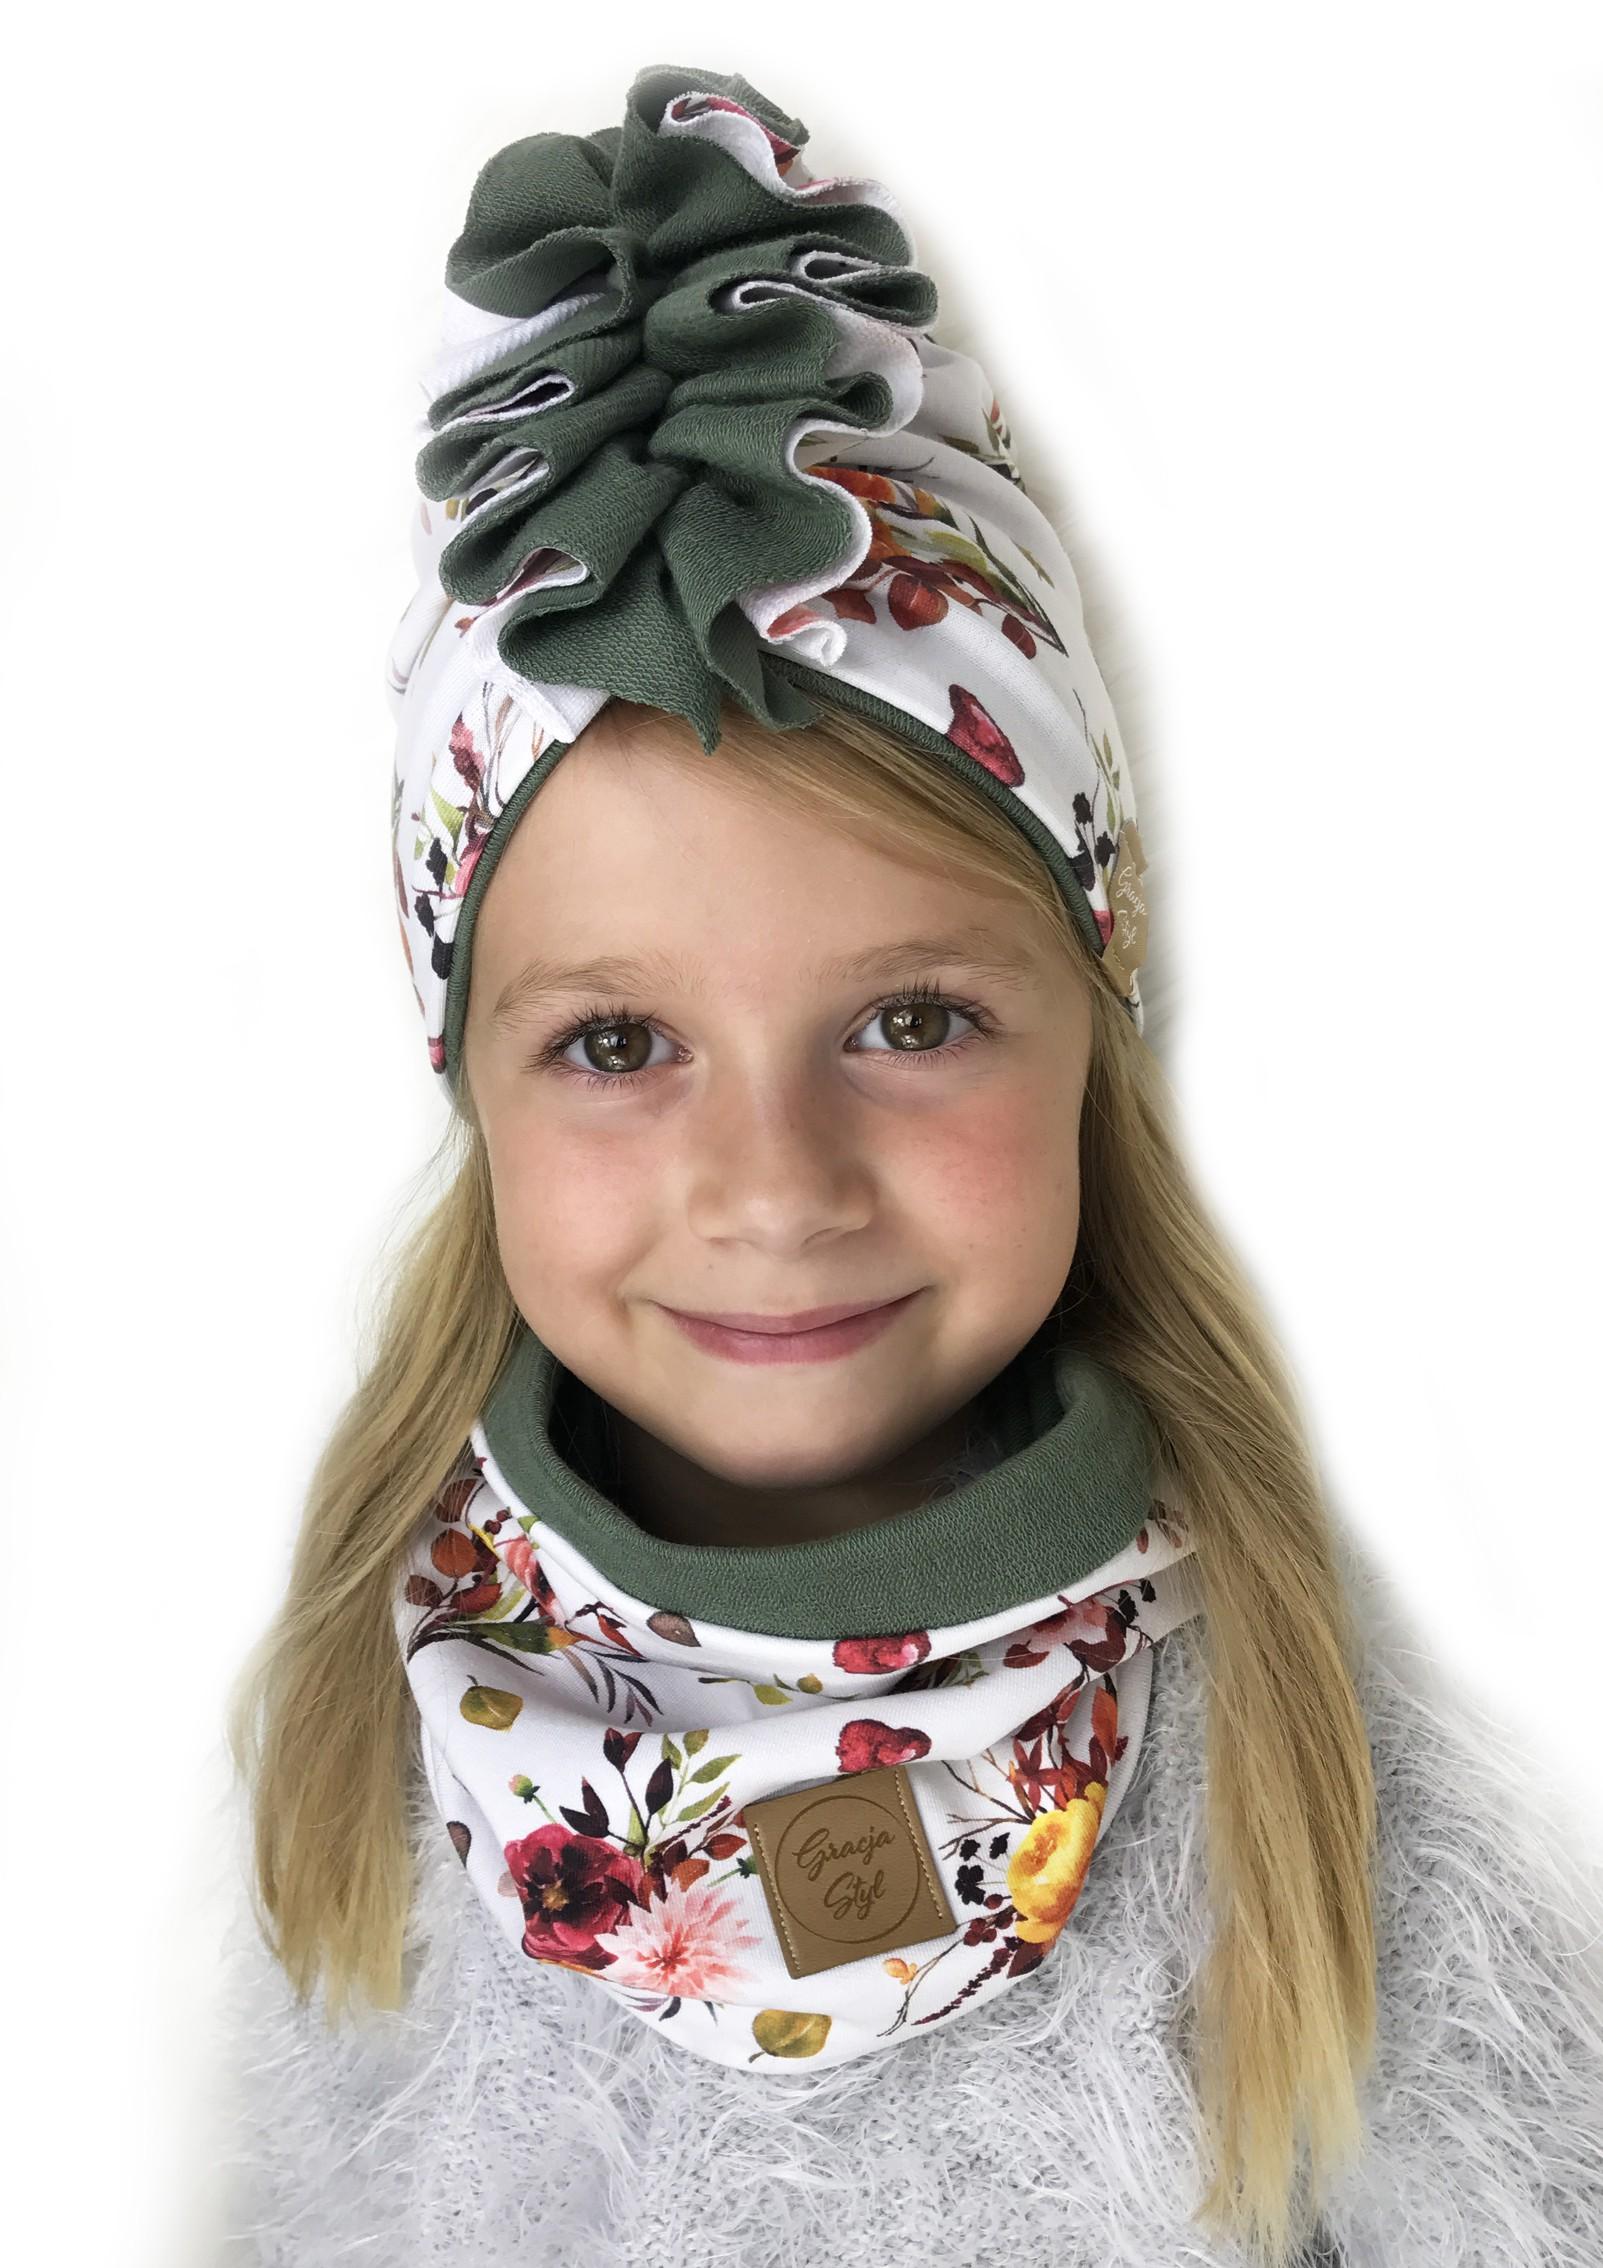 Zestaw Turban + Komin dla dzieci duo kolor Flowers + khaki